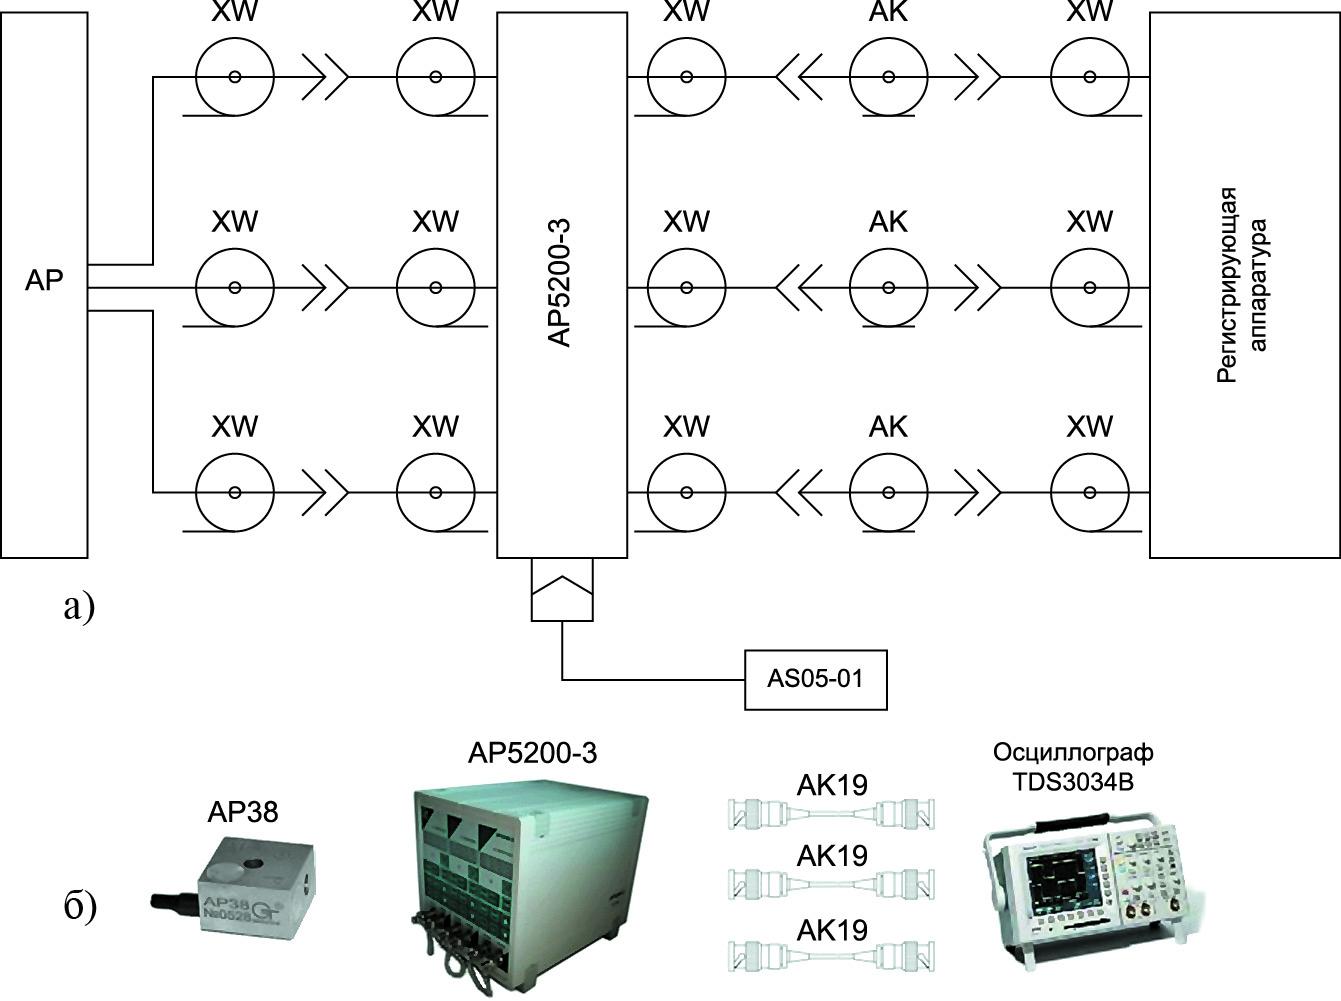 Пример схемы подключения  и ее реализация для трехкомпонентного вибропреобразователя с зарядовым выходом и неразъемной заделкой соединительного кабеля с измерительным усилителем напряжения и заряда АР5200-3